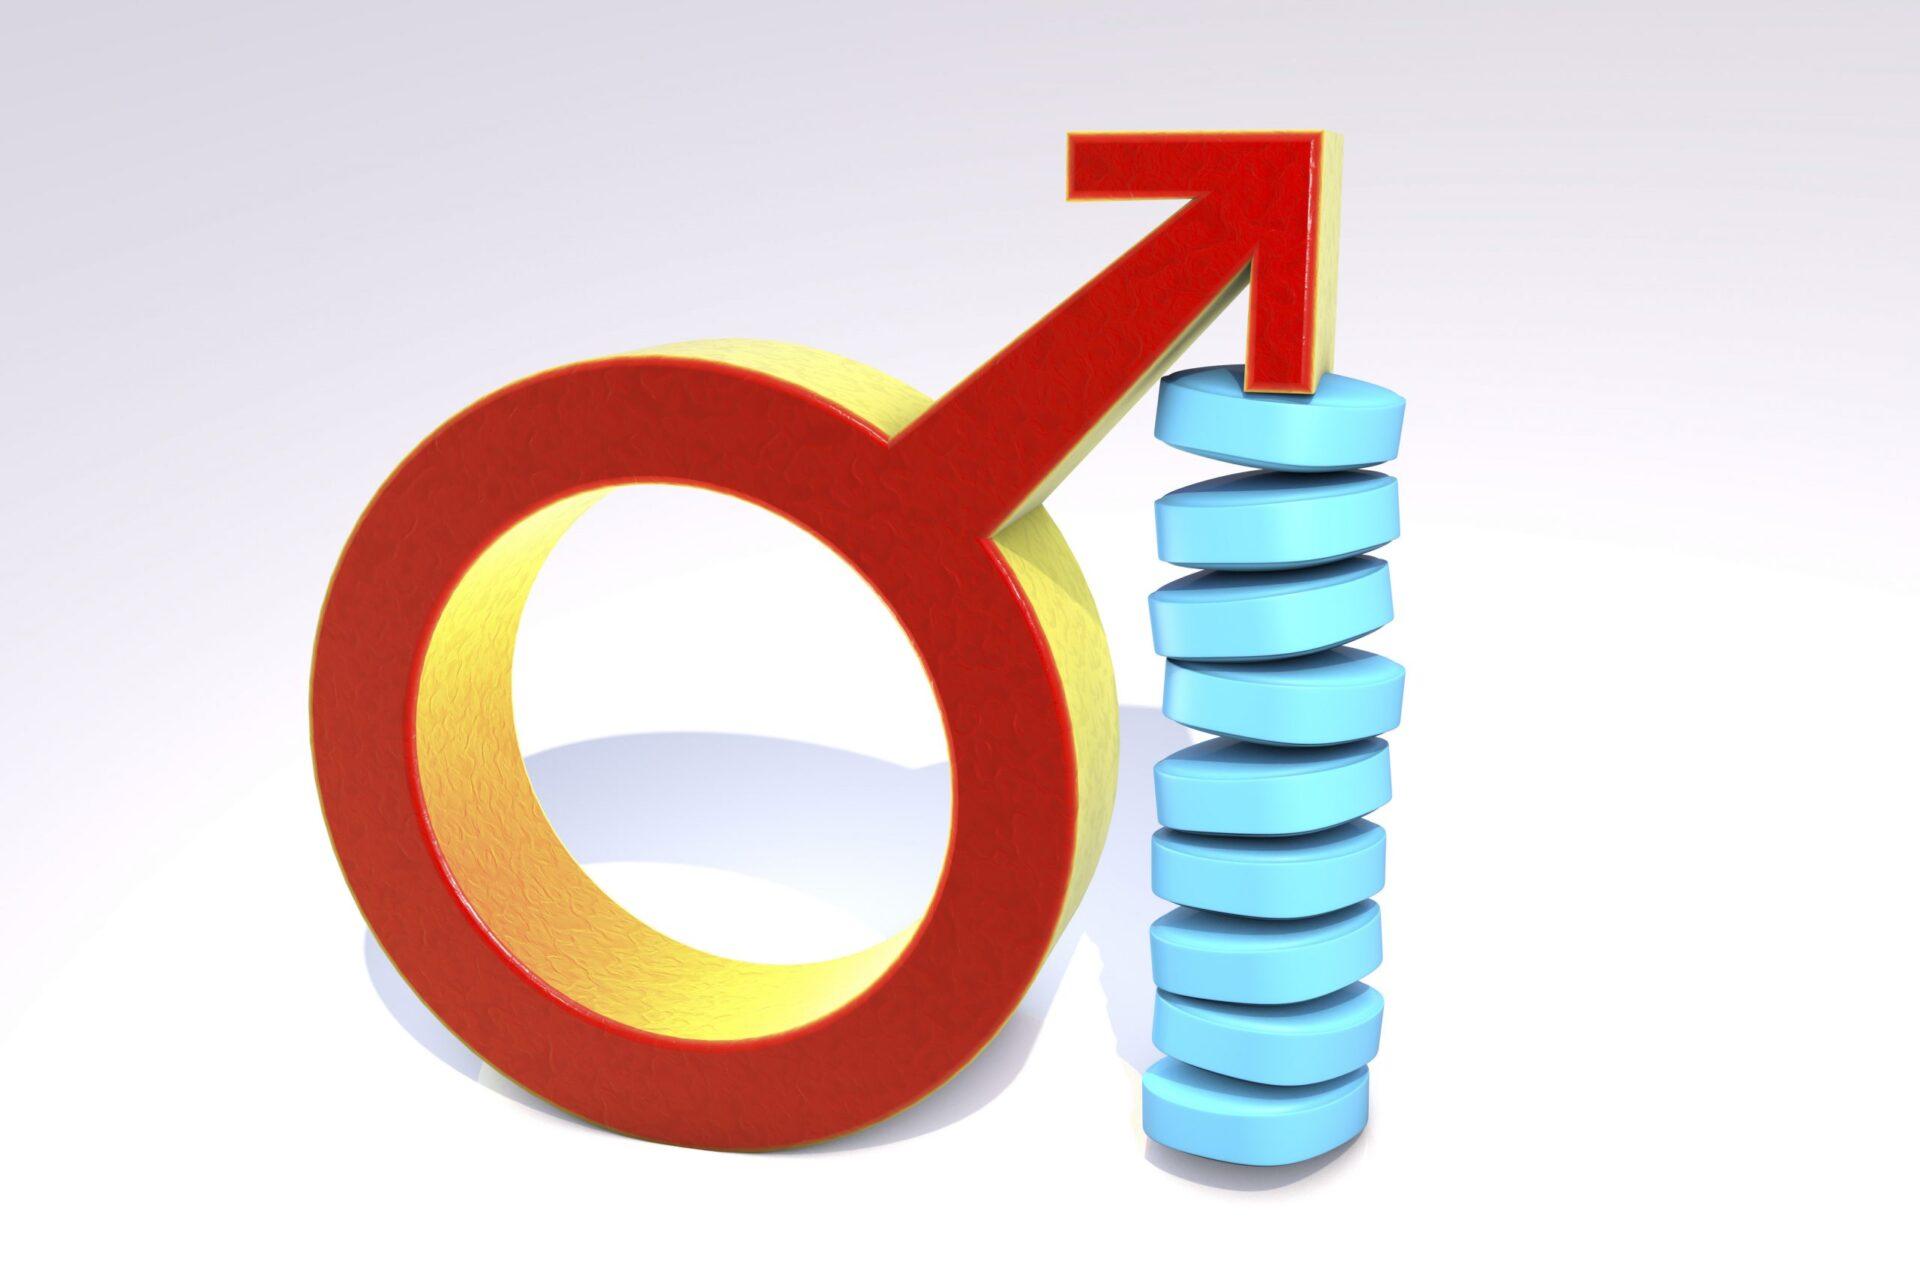 excitația masculină este o erecție penisul a scăzut foarte mult în dimensiune